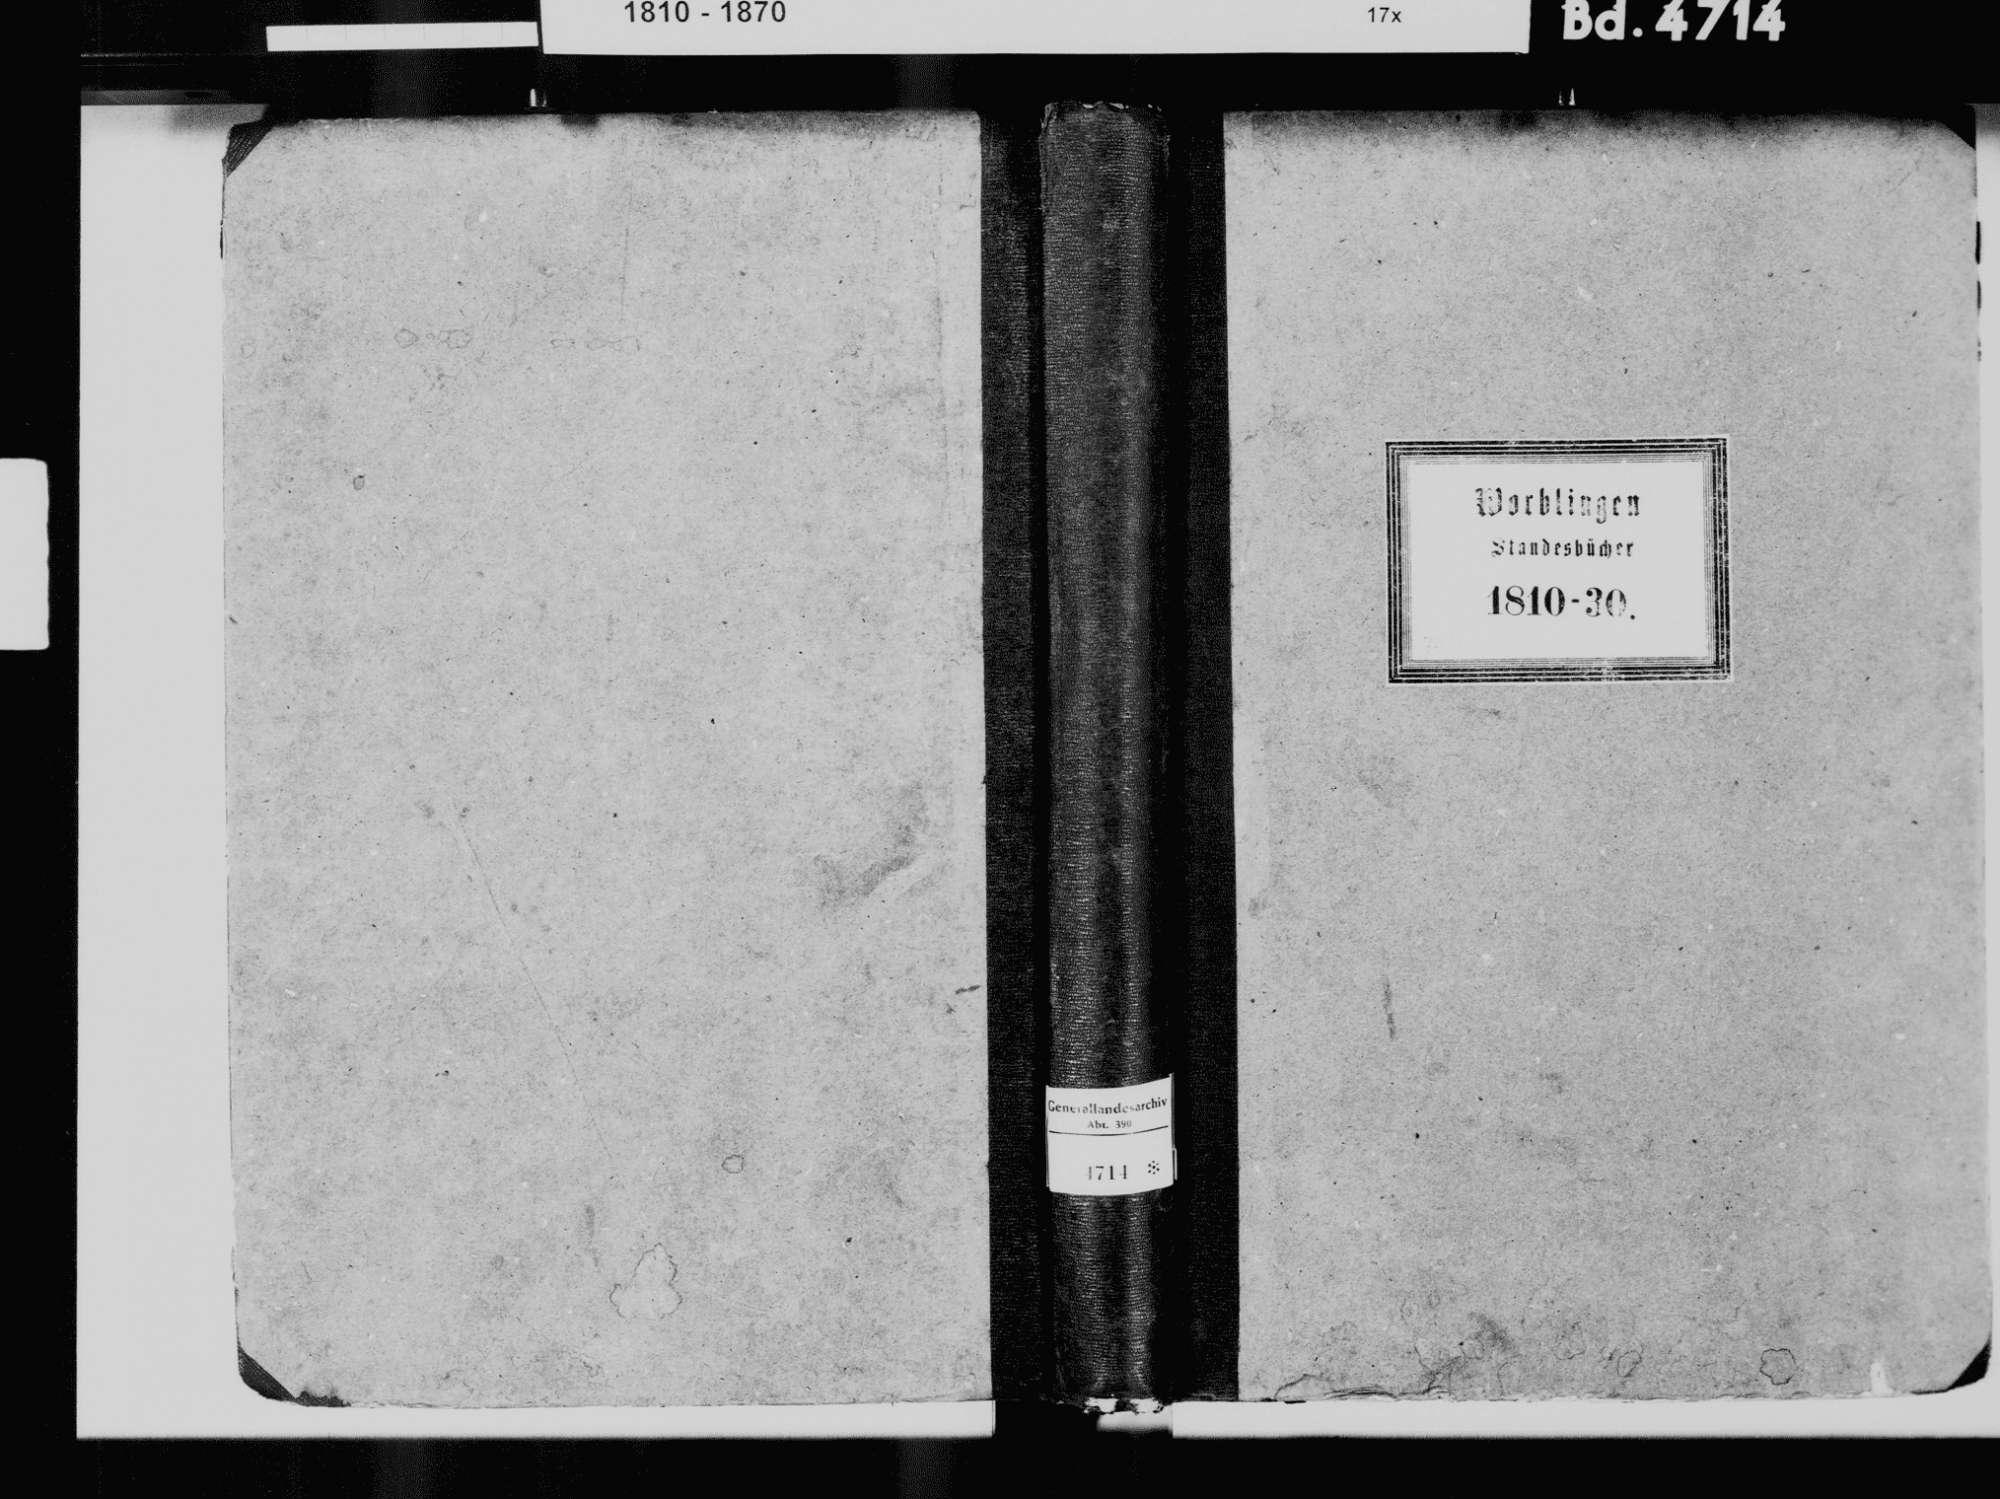 Worblingen, Rielasingen-Worblingen KN; Katholische Gemeinde: Standesbuch 1810-1830 Worblingen, Rielasingen-Worblingen KN; Israelitsche Gemeinde: Standesbuch 1781-1830 [besondere Liste über Geburten von 1781-1816 nach Jahrgang 1817], Bild 2